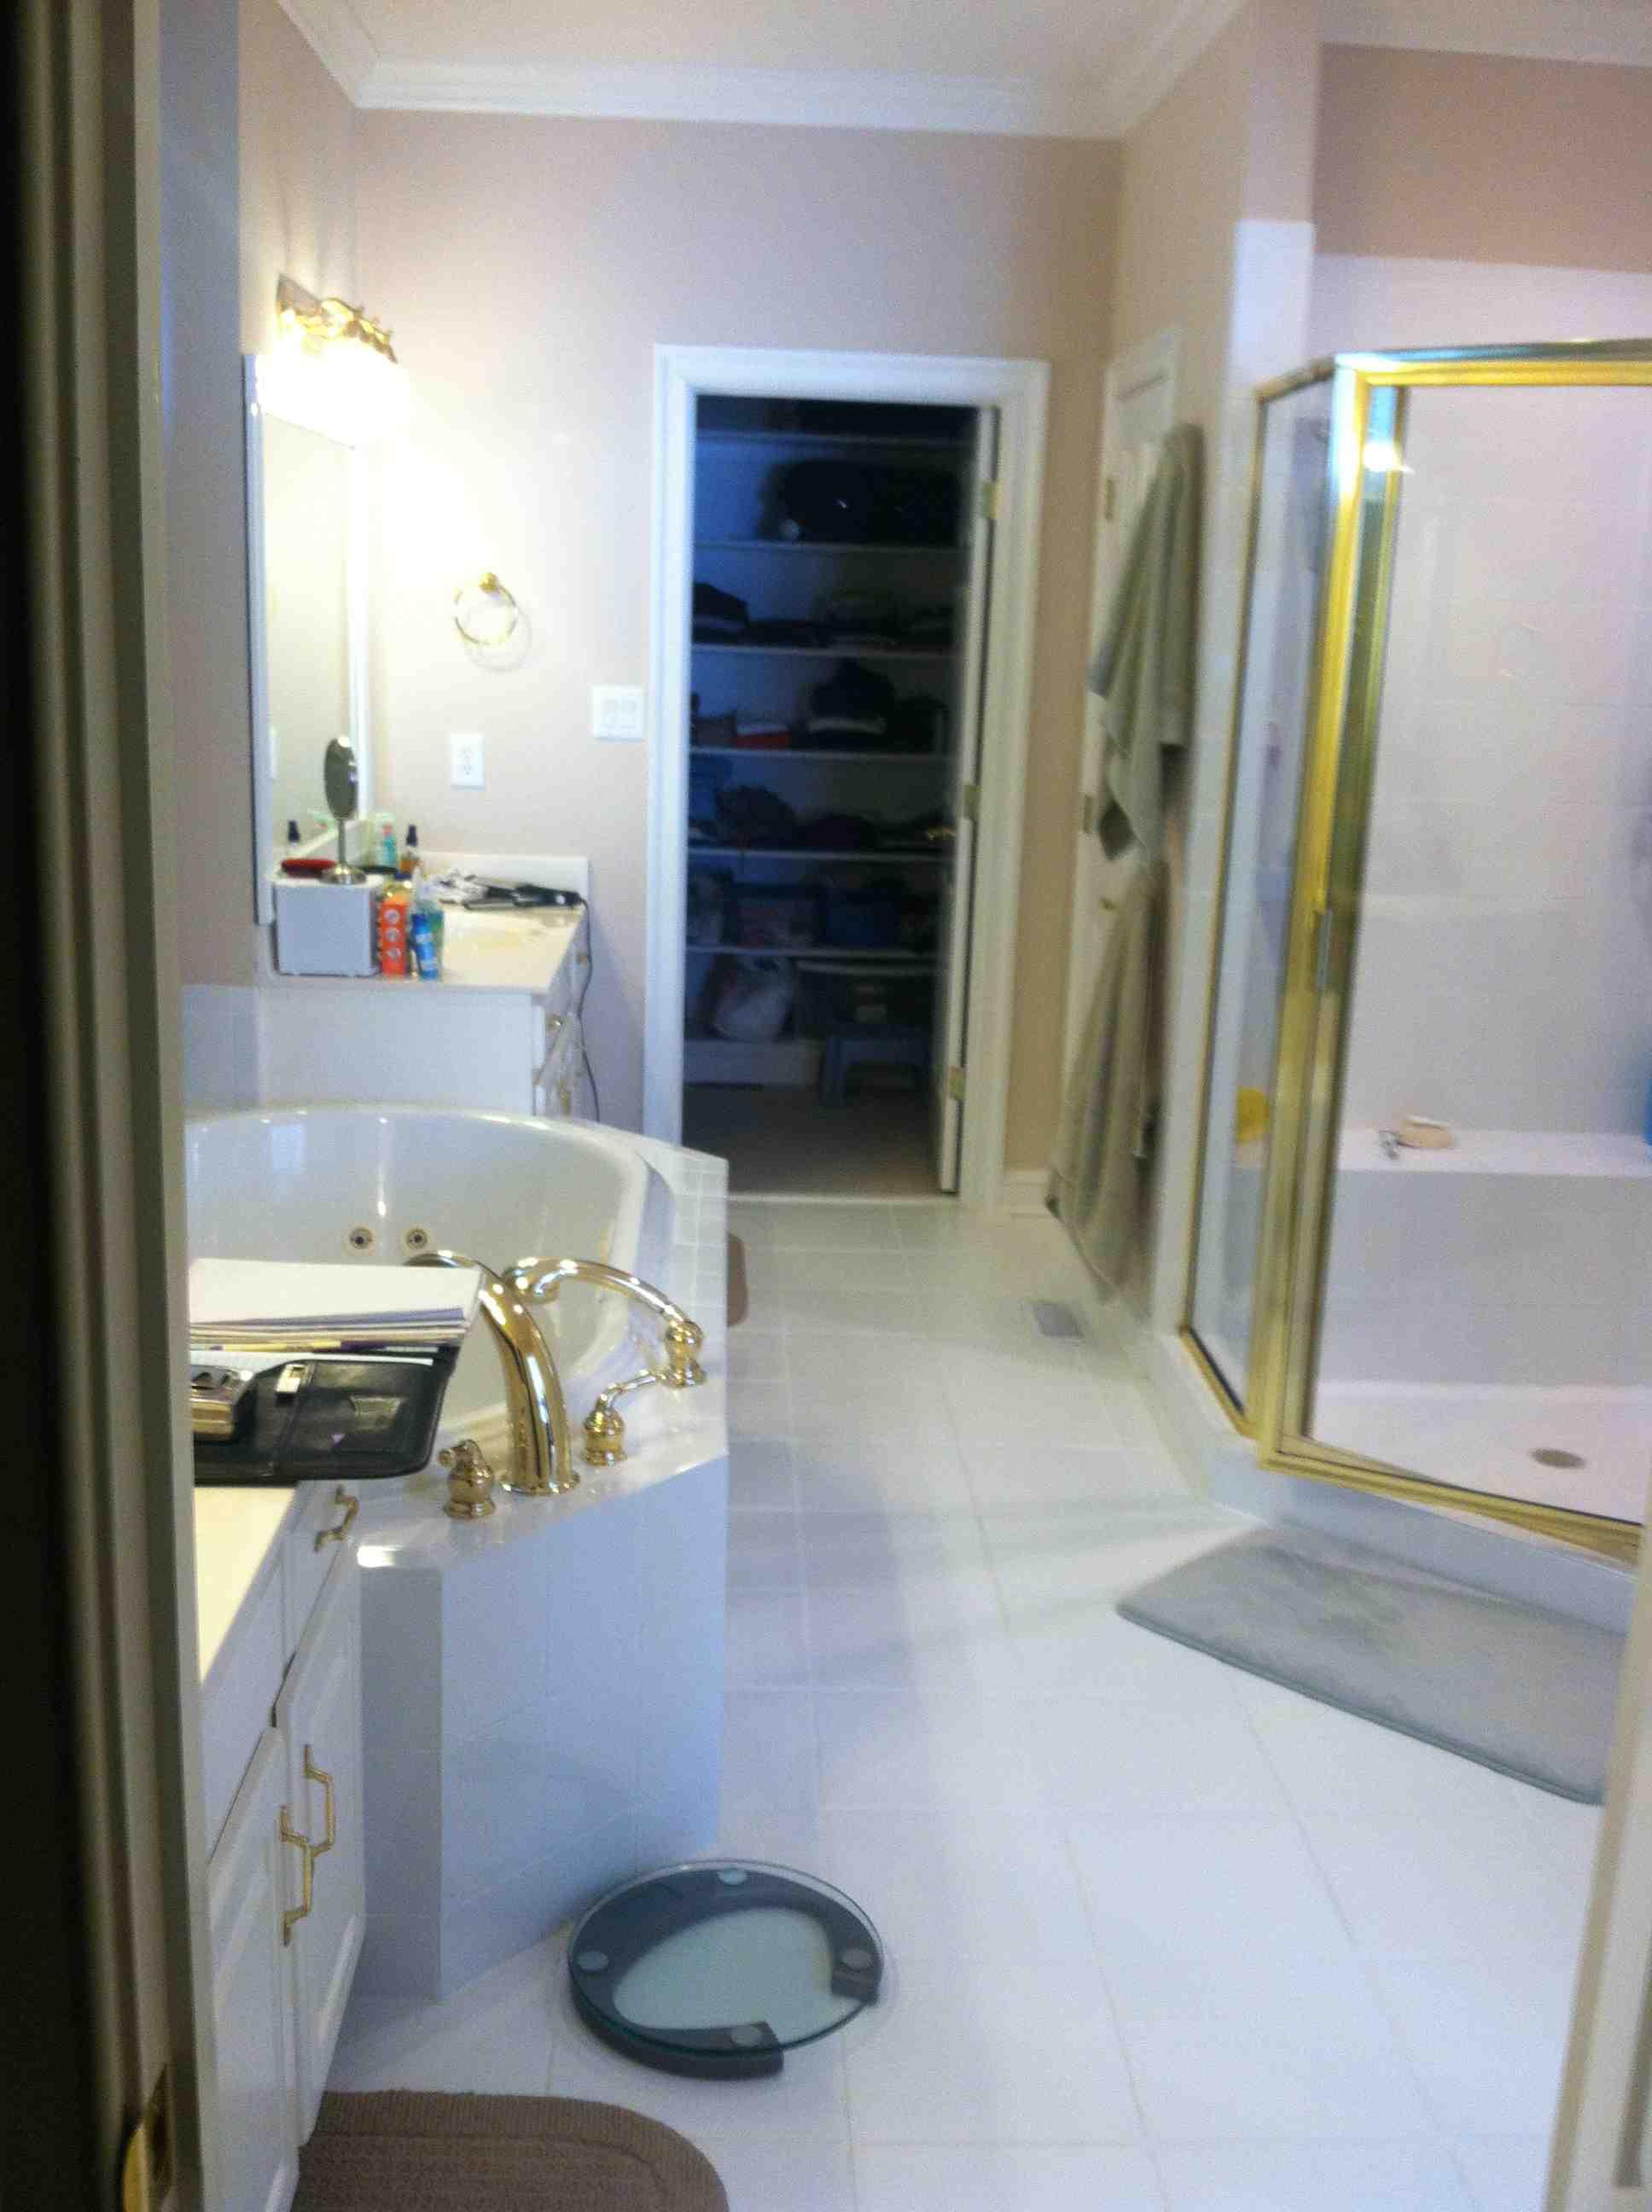 Bathroom Remodel For The Ngo Family Hatchett DesignRemodel - Hatchett bathroom remodel